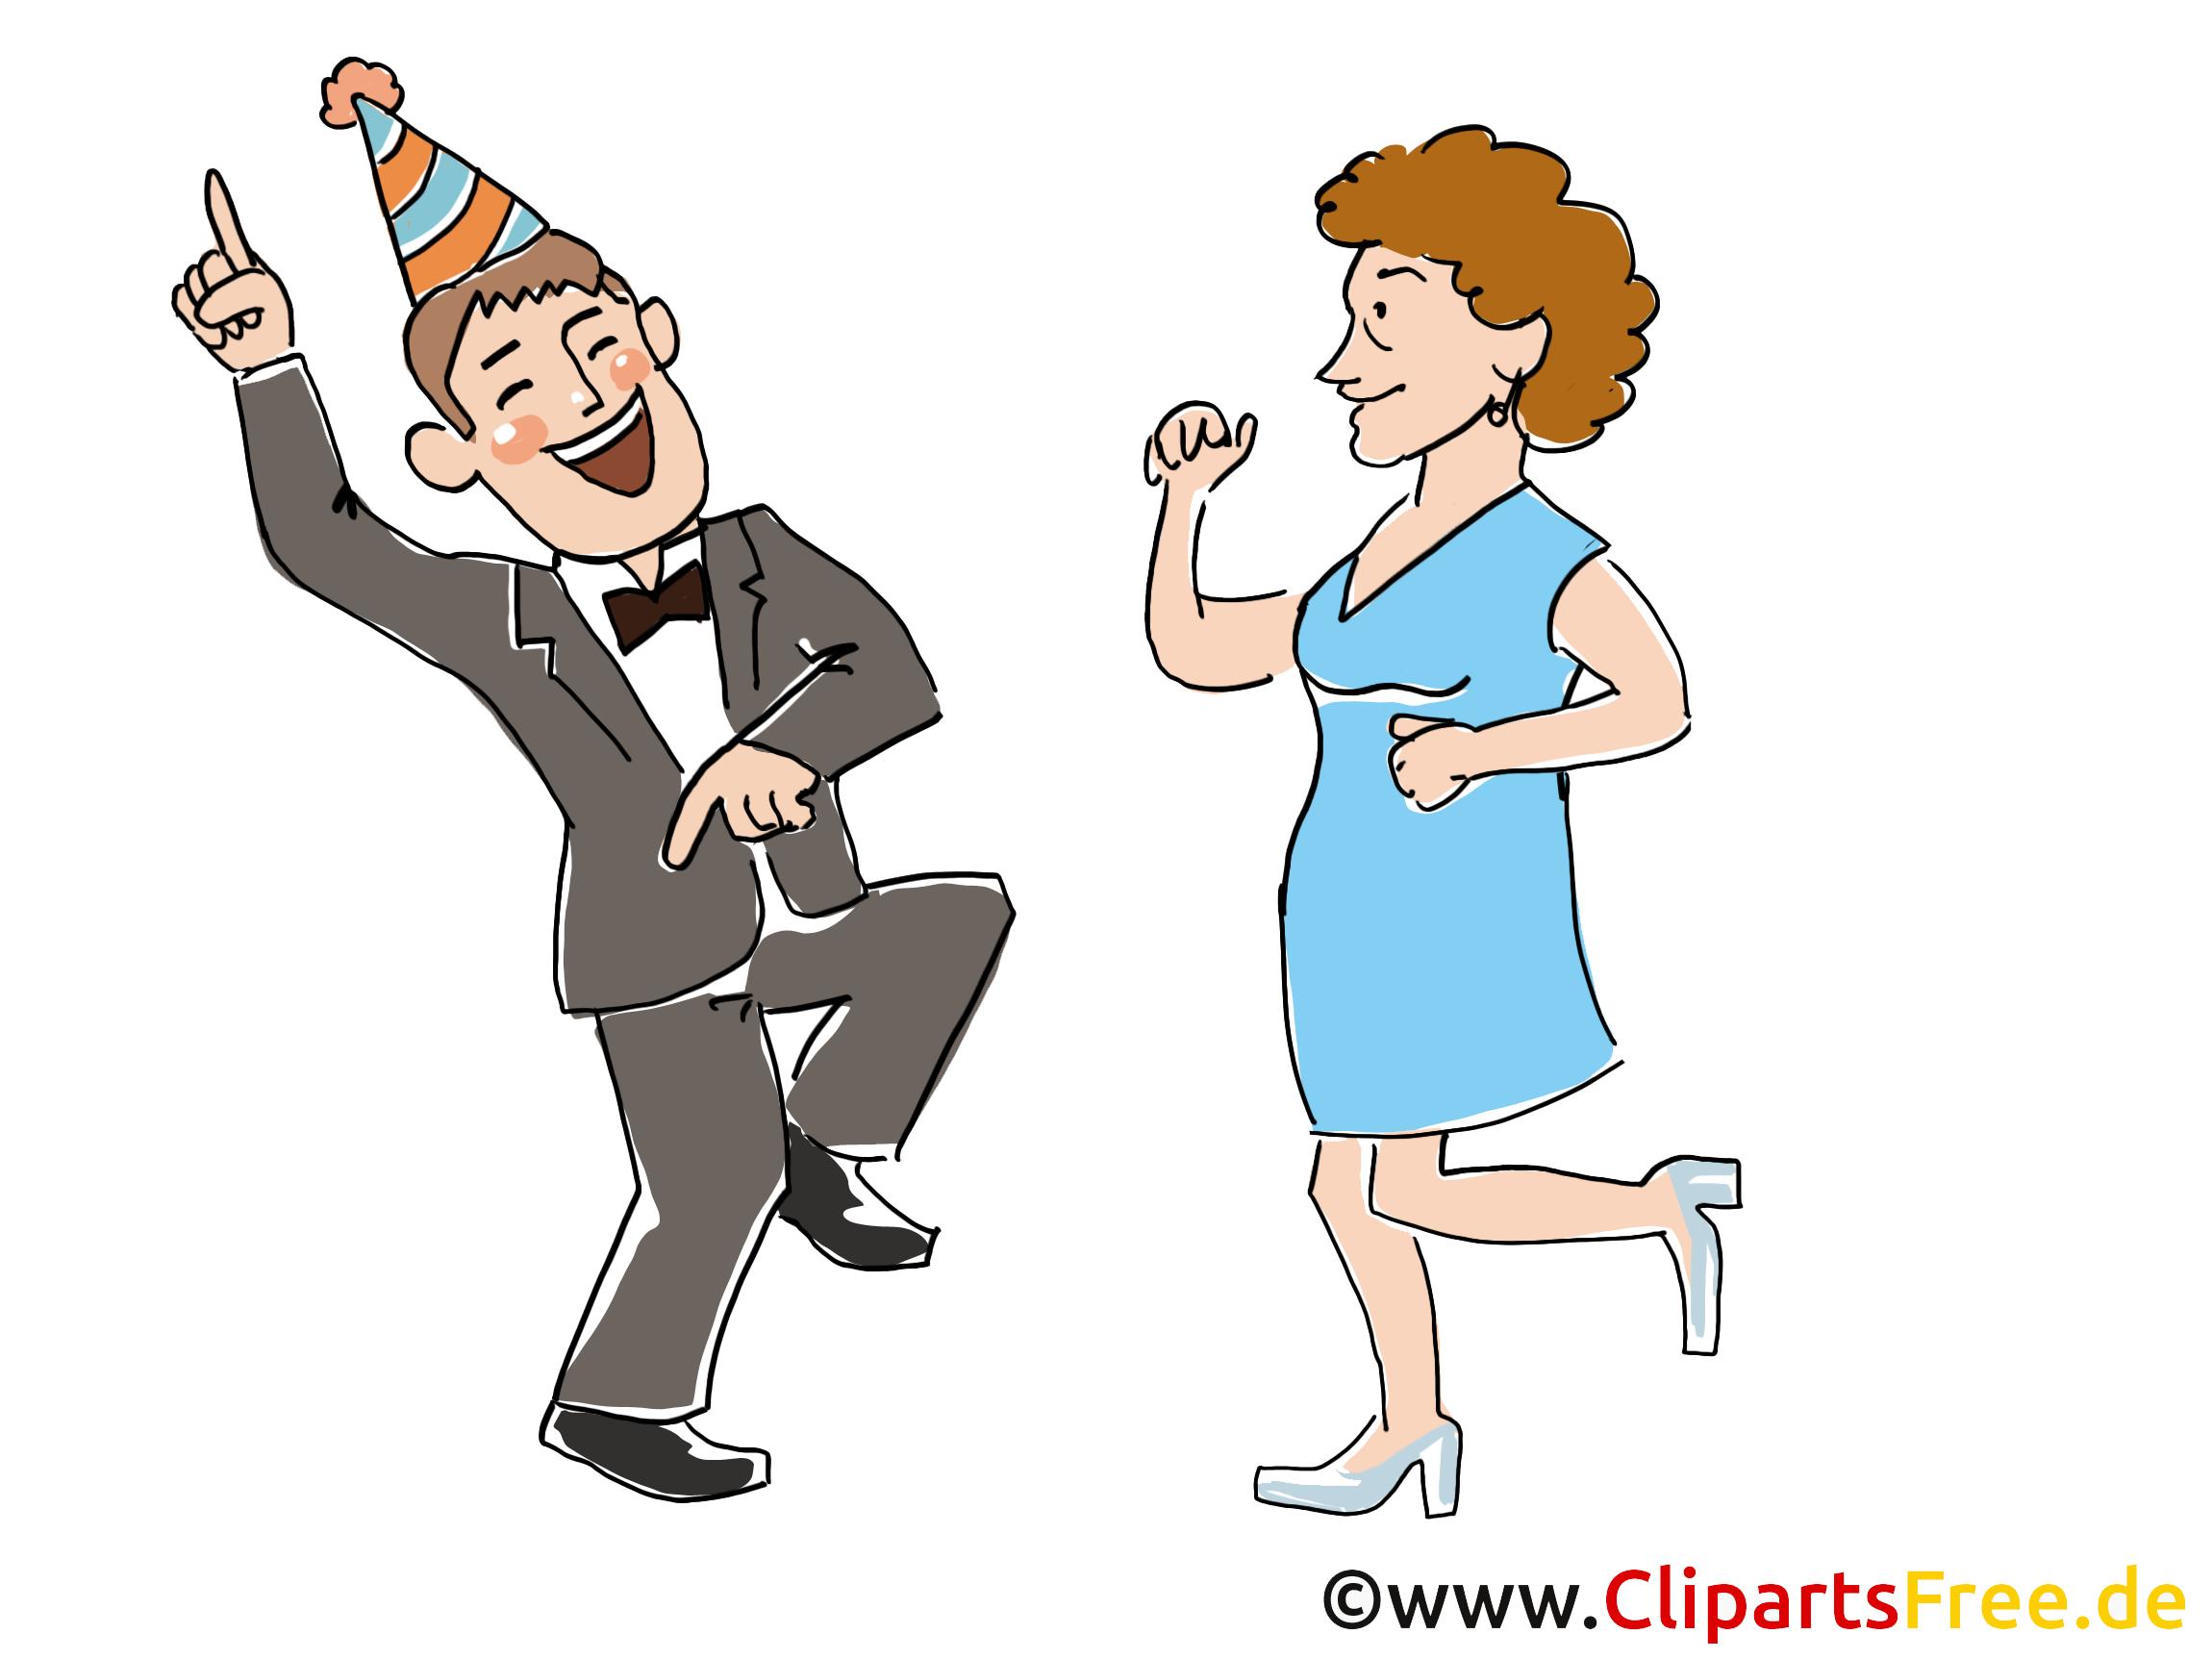 Fête images - Danse dessins gratuits